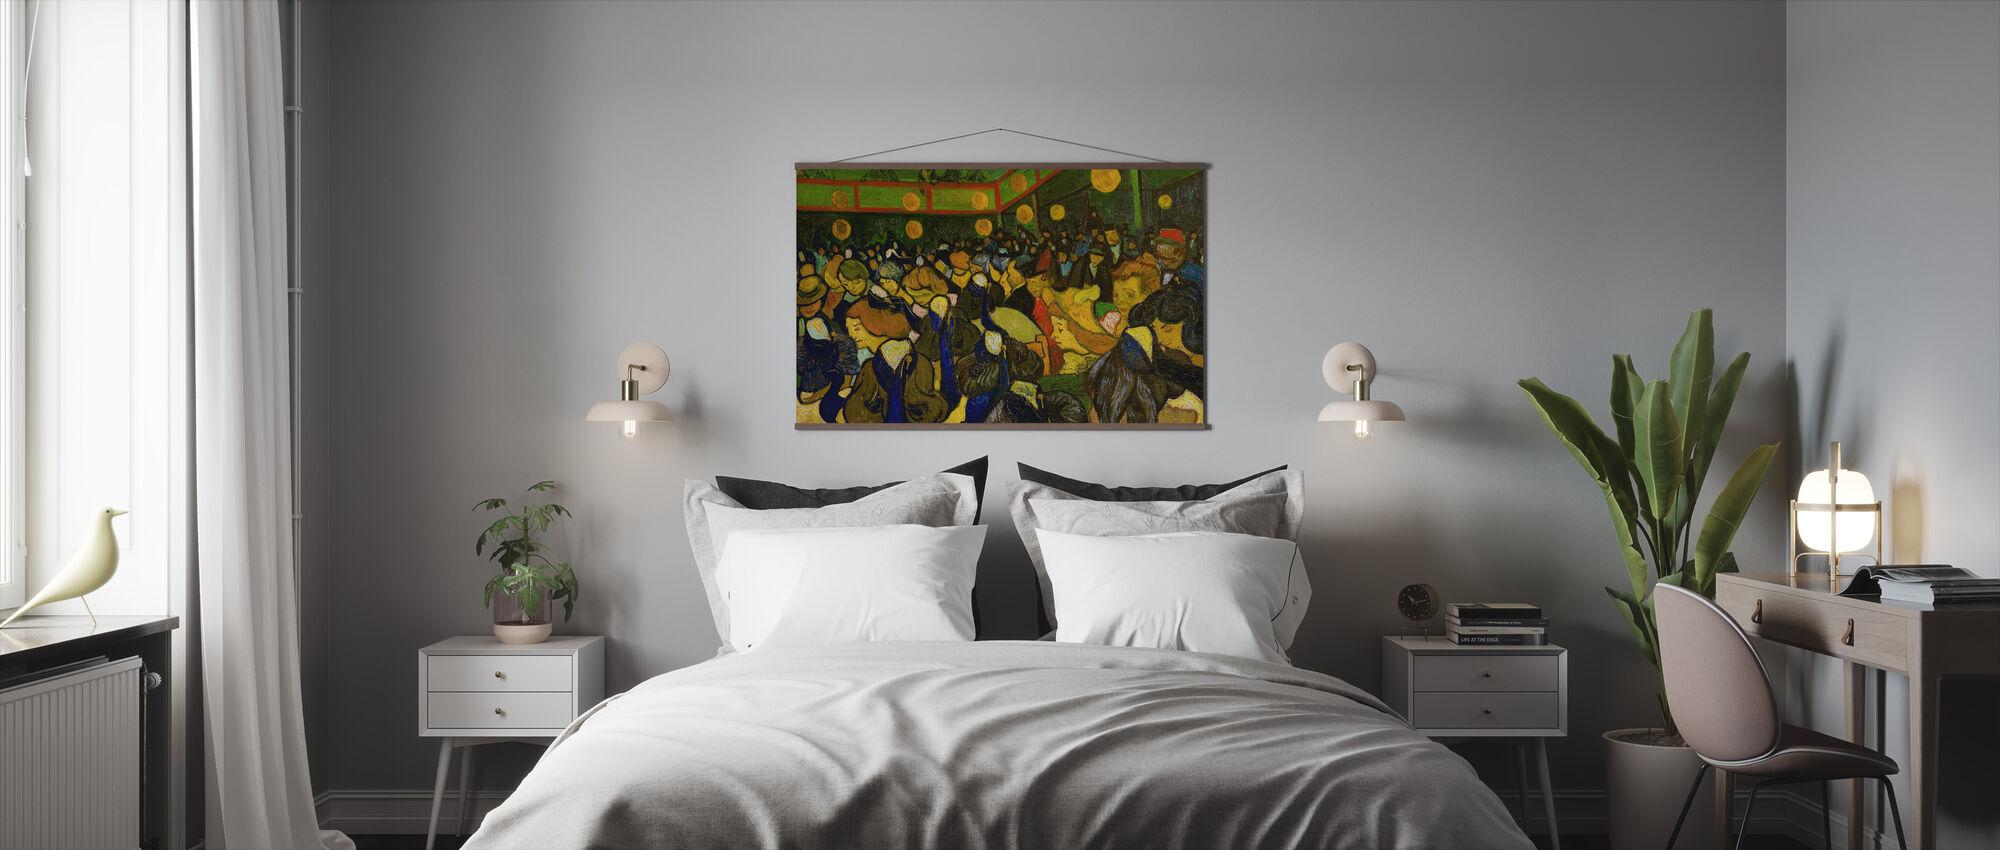 Dance Hall - Vincent Van Gogh - Poster - Bedroom